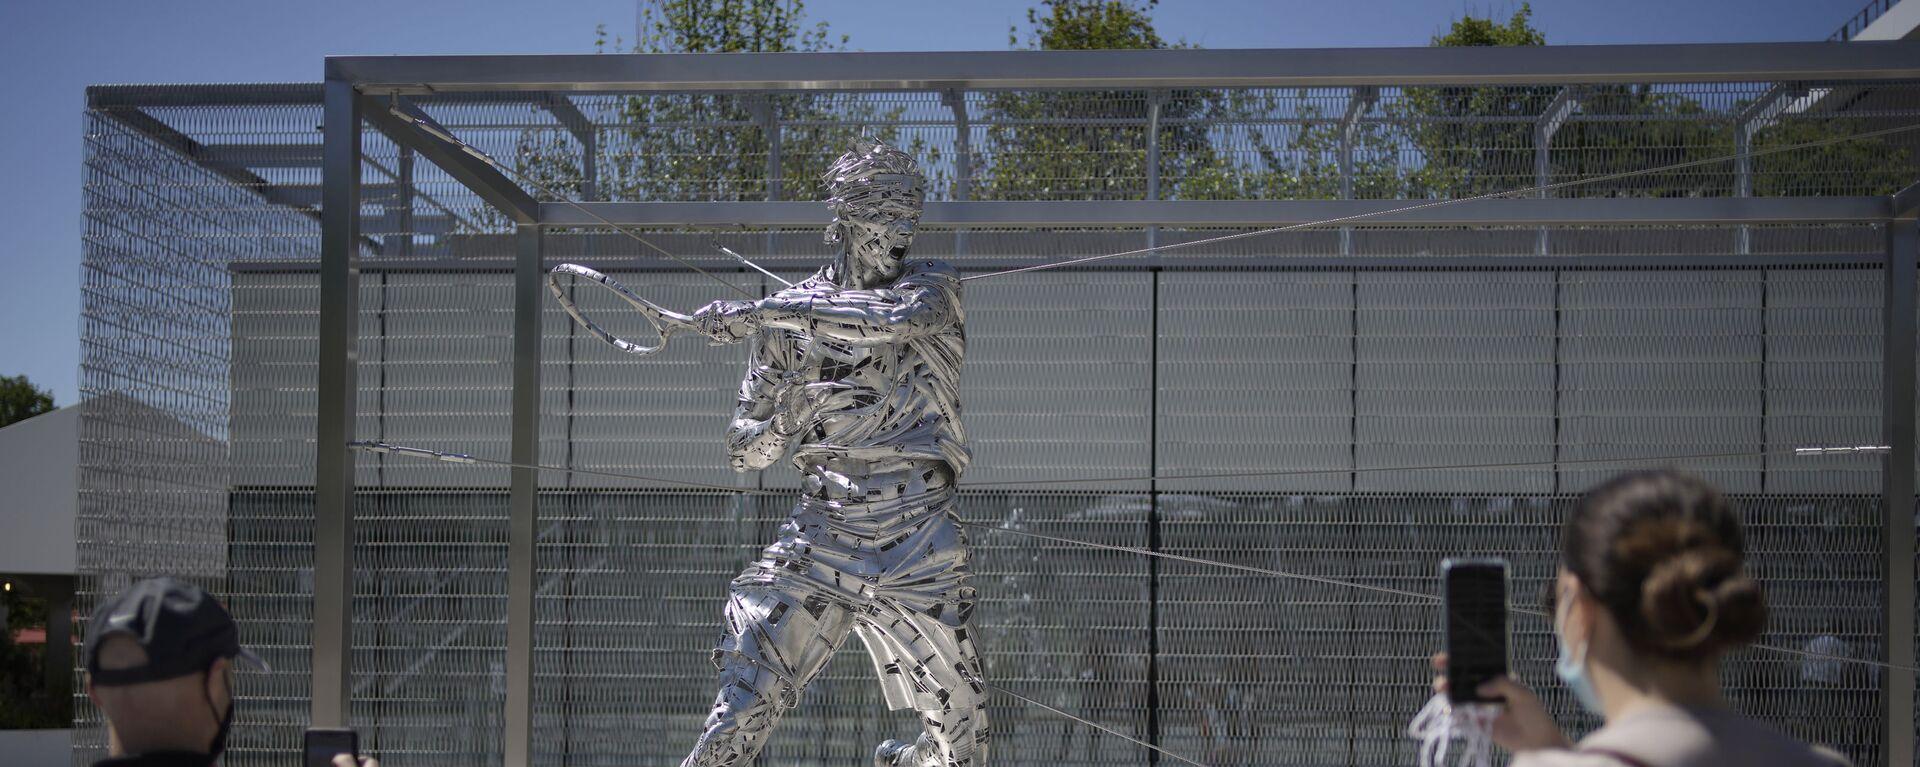 Люди во время фотографирования новой статуи теннисиста Рафаэля Надаля в Париже  - Sputnik Česká republika, 1920, 05.06.2021